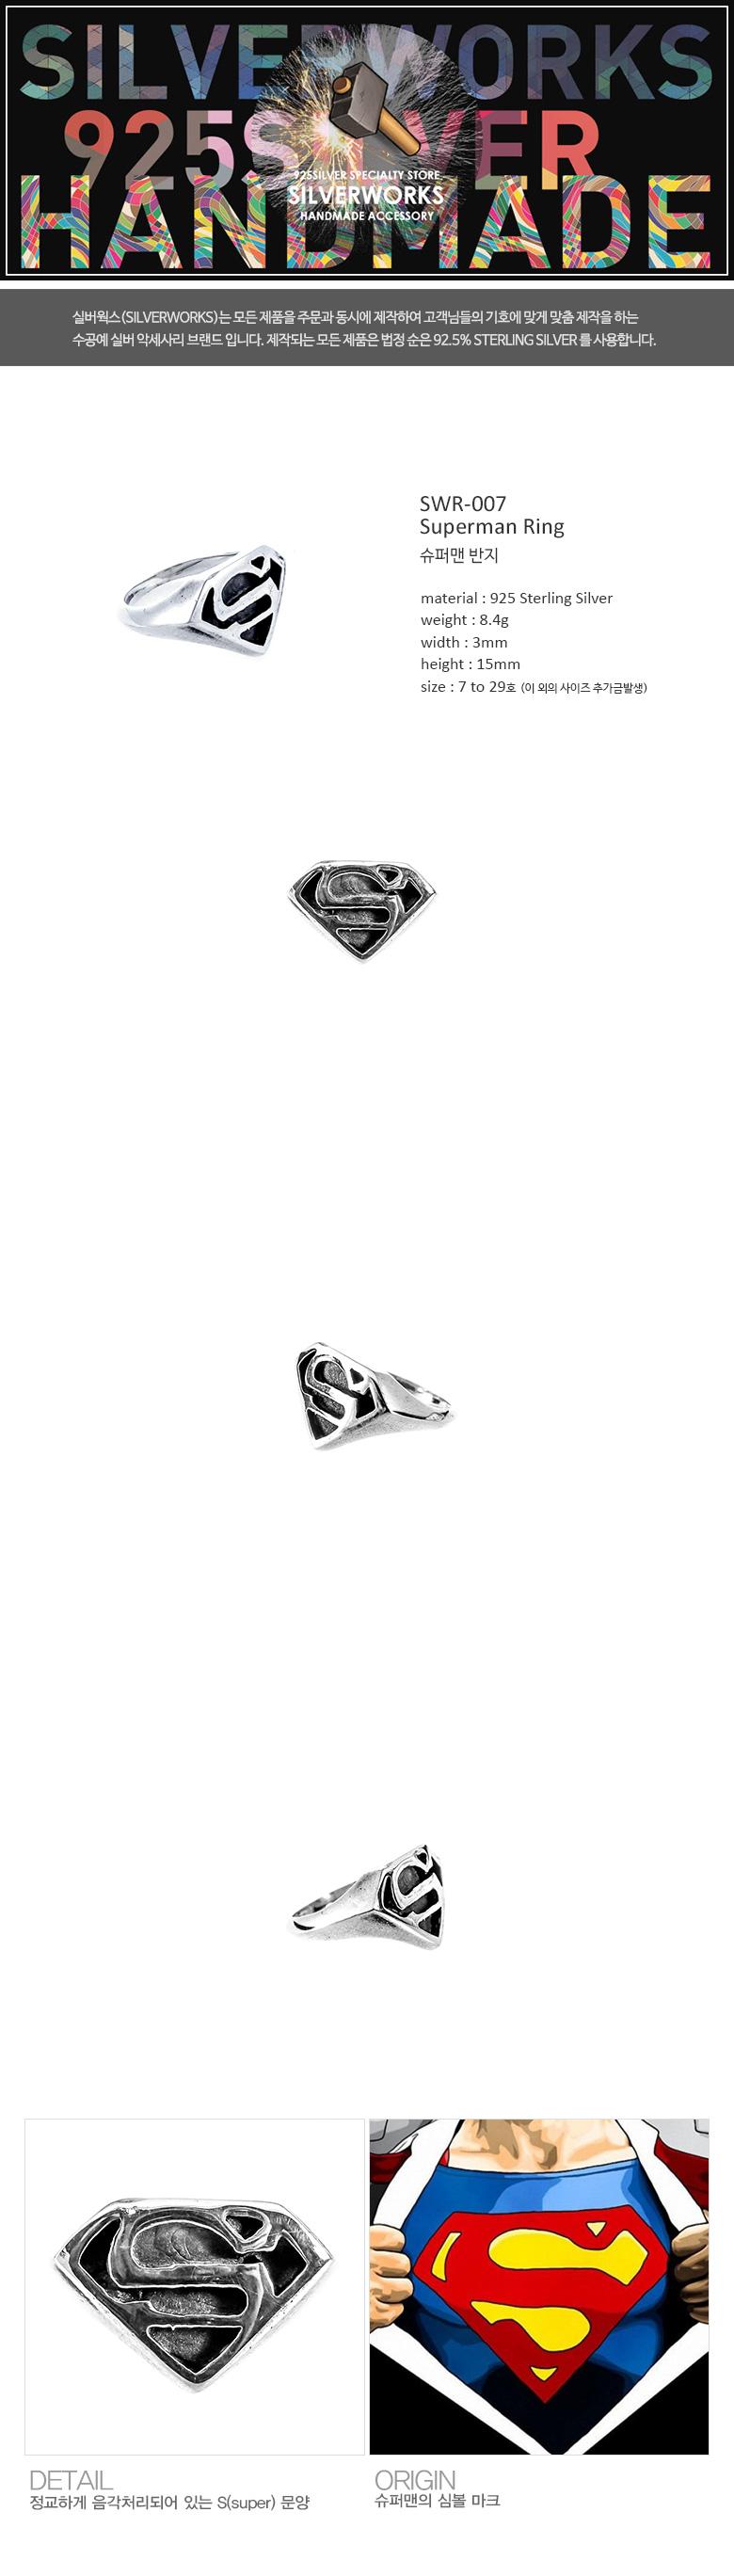 슈퍼맨 은반지 Super Man SWR-007 - 실버웍스, 66,000원, 남성주얼리, 반지